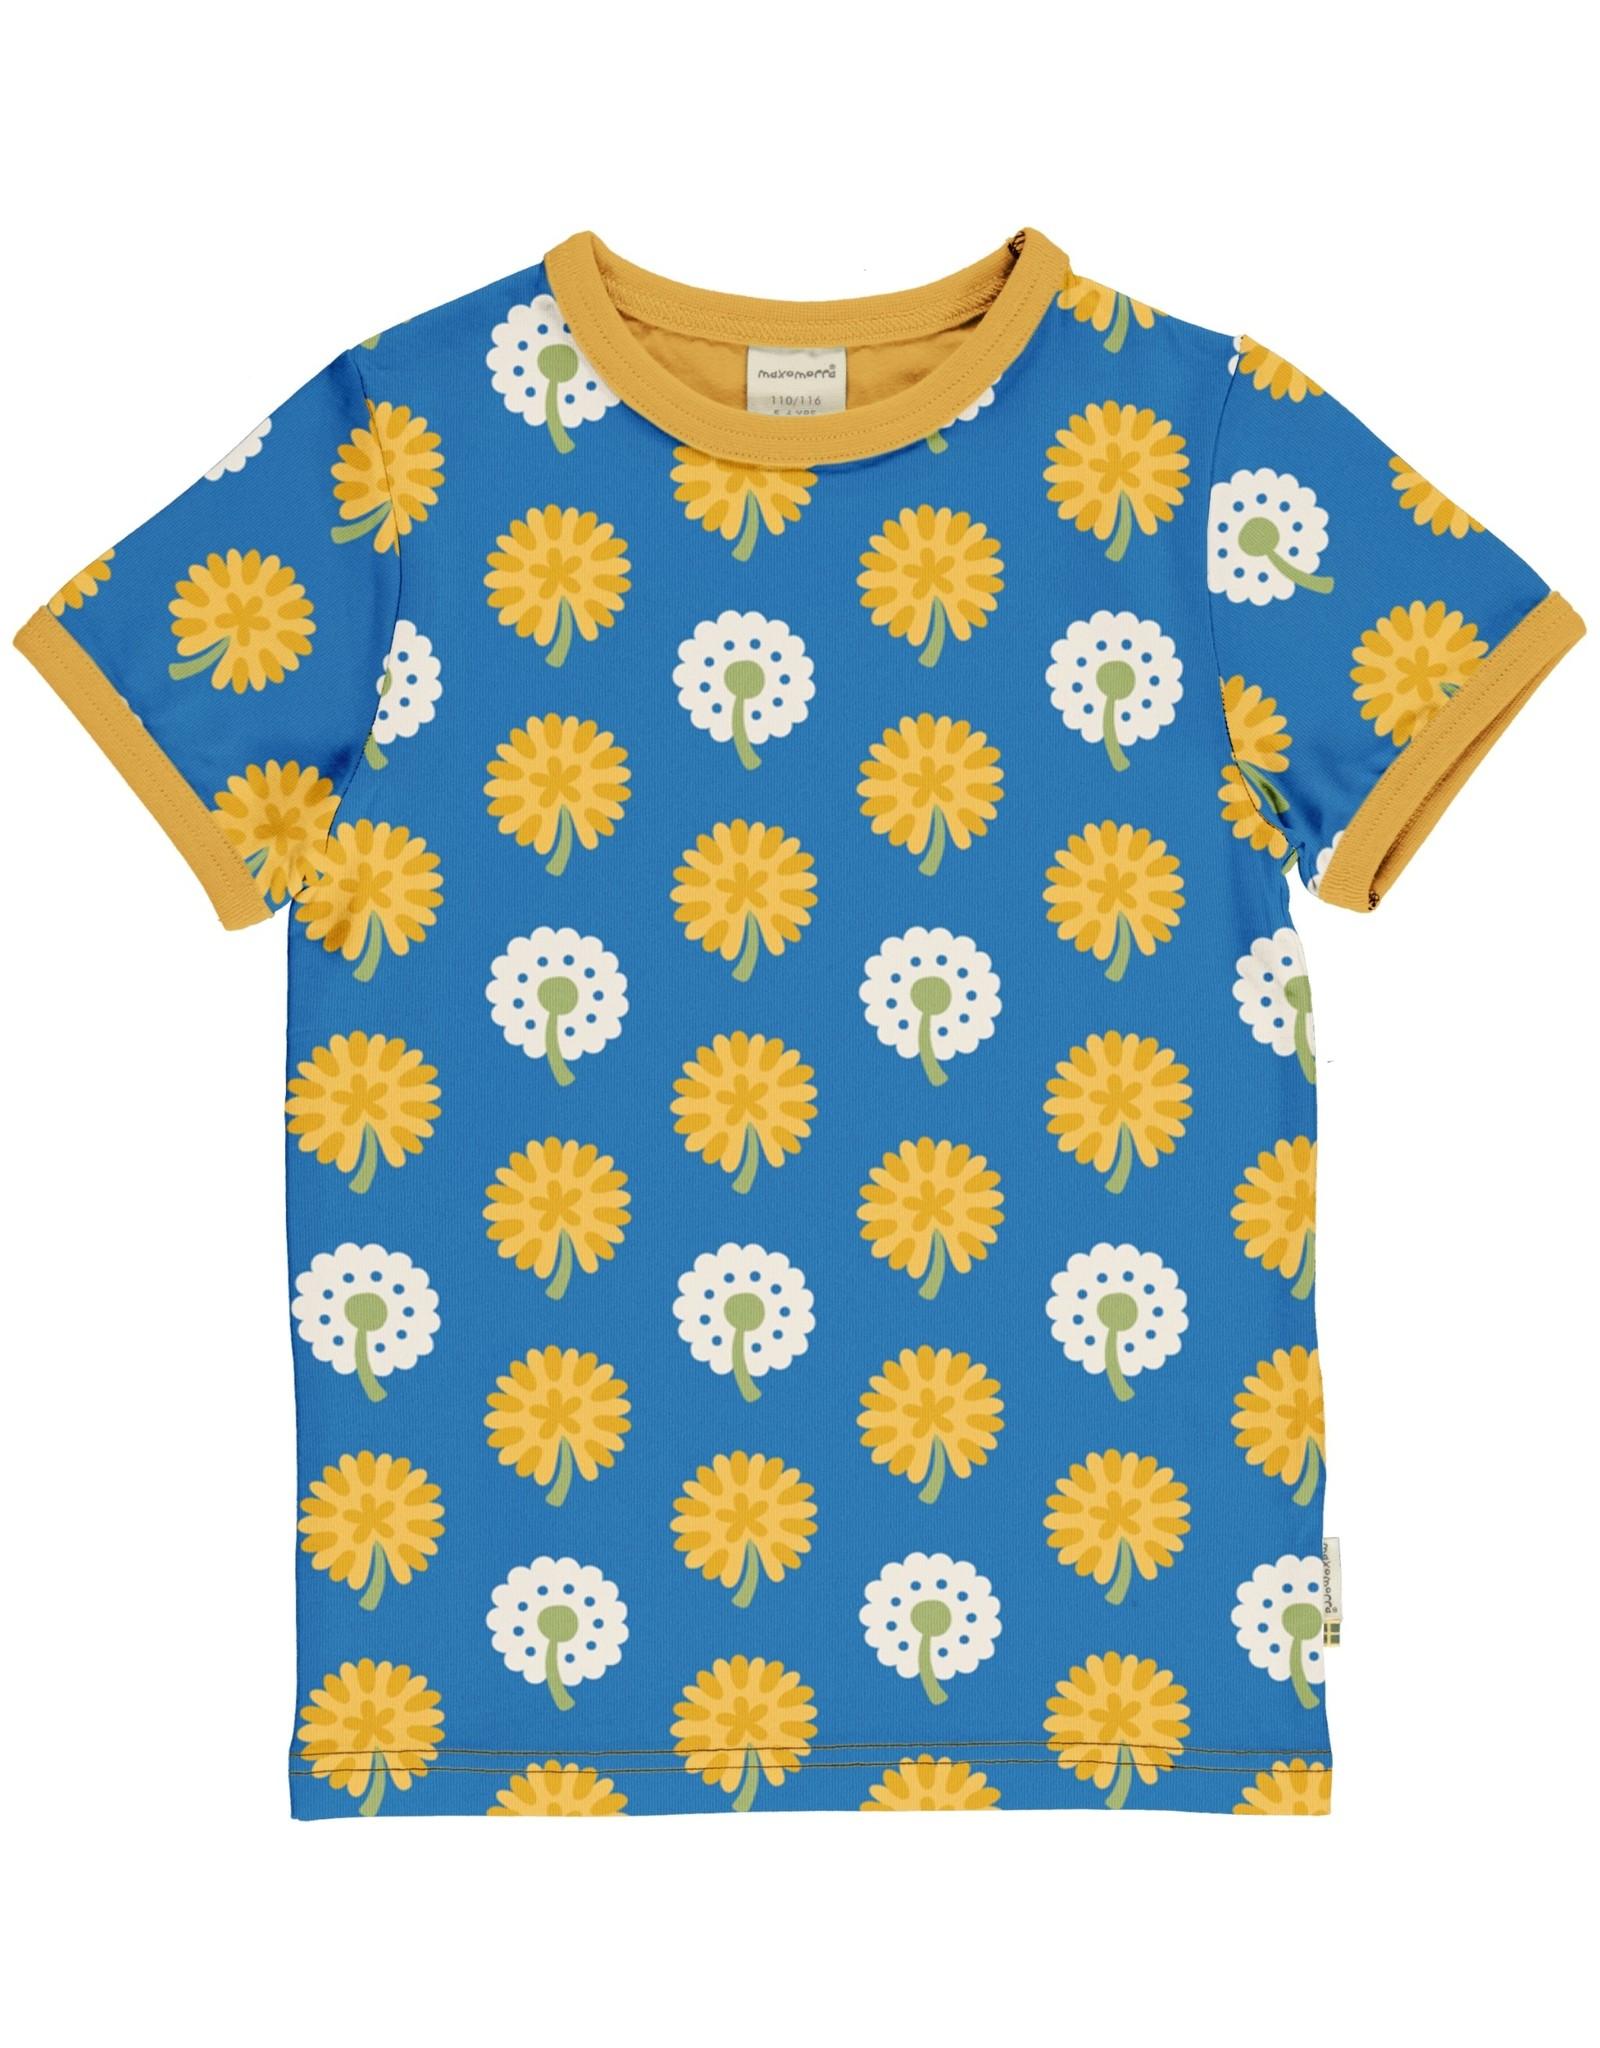 Maxomorra T-shirt met paardebloemen print